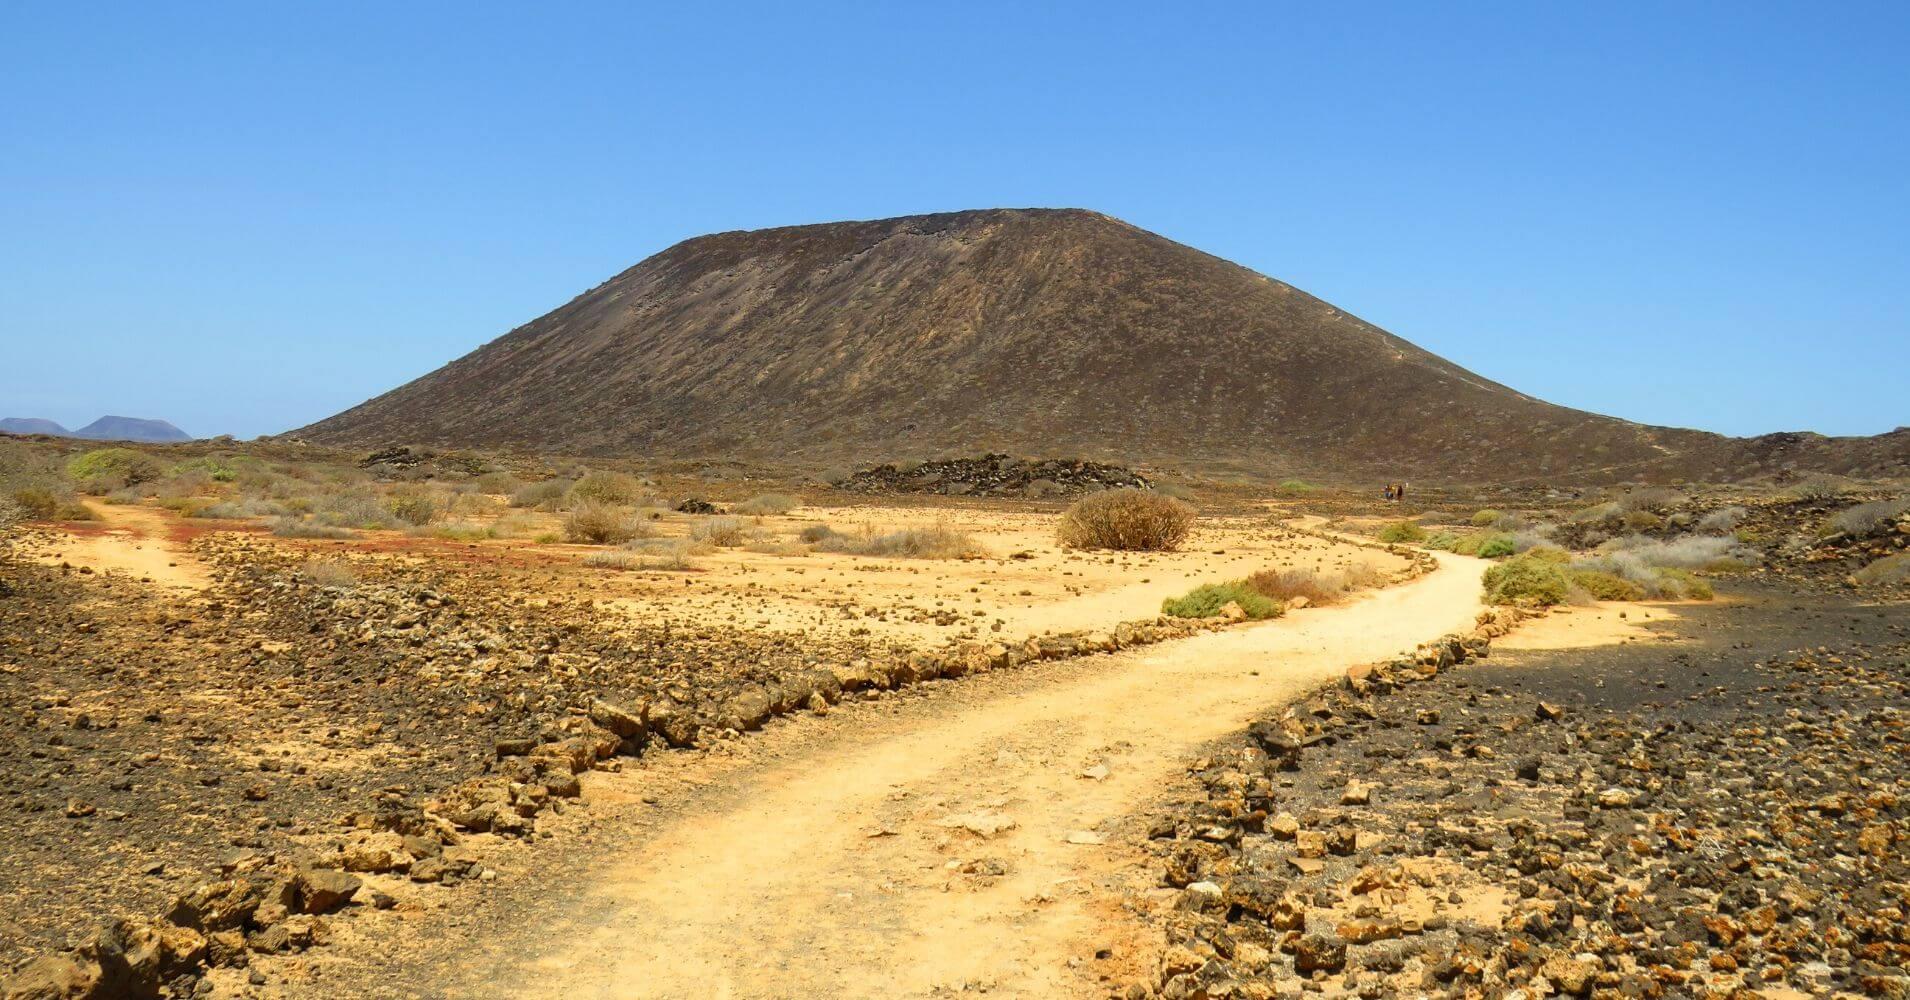 Volcán de La Caldera. Isla de Los Lobos. Canarias.